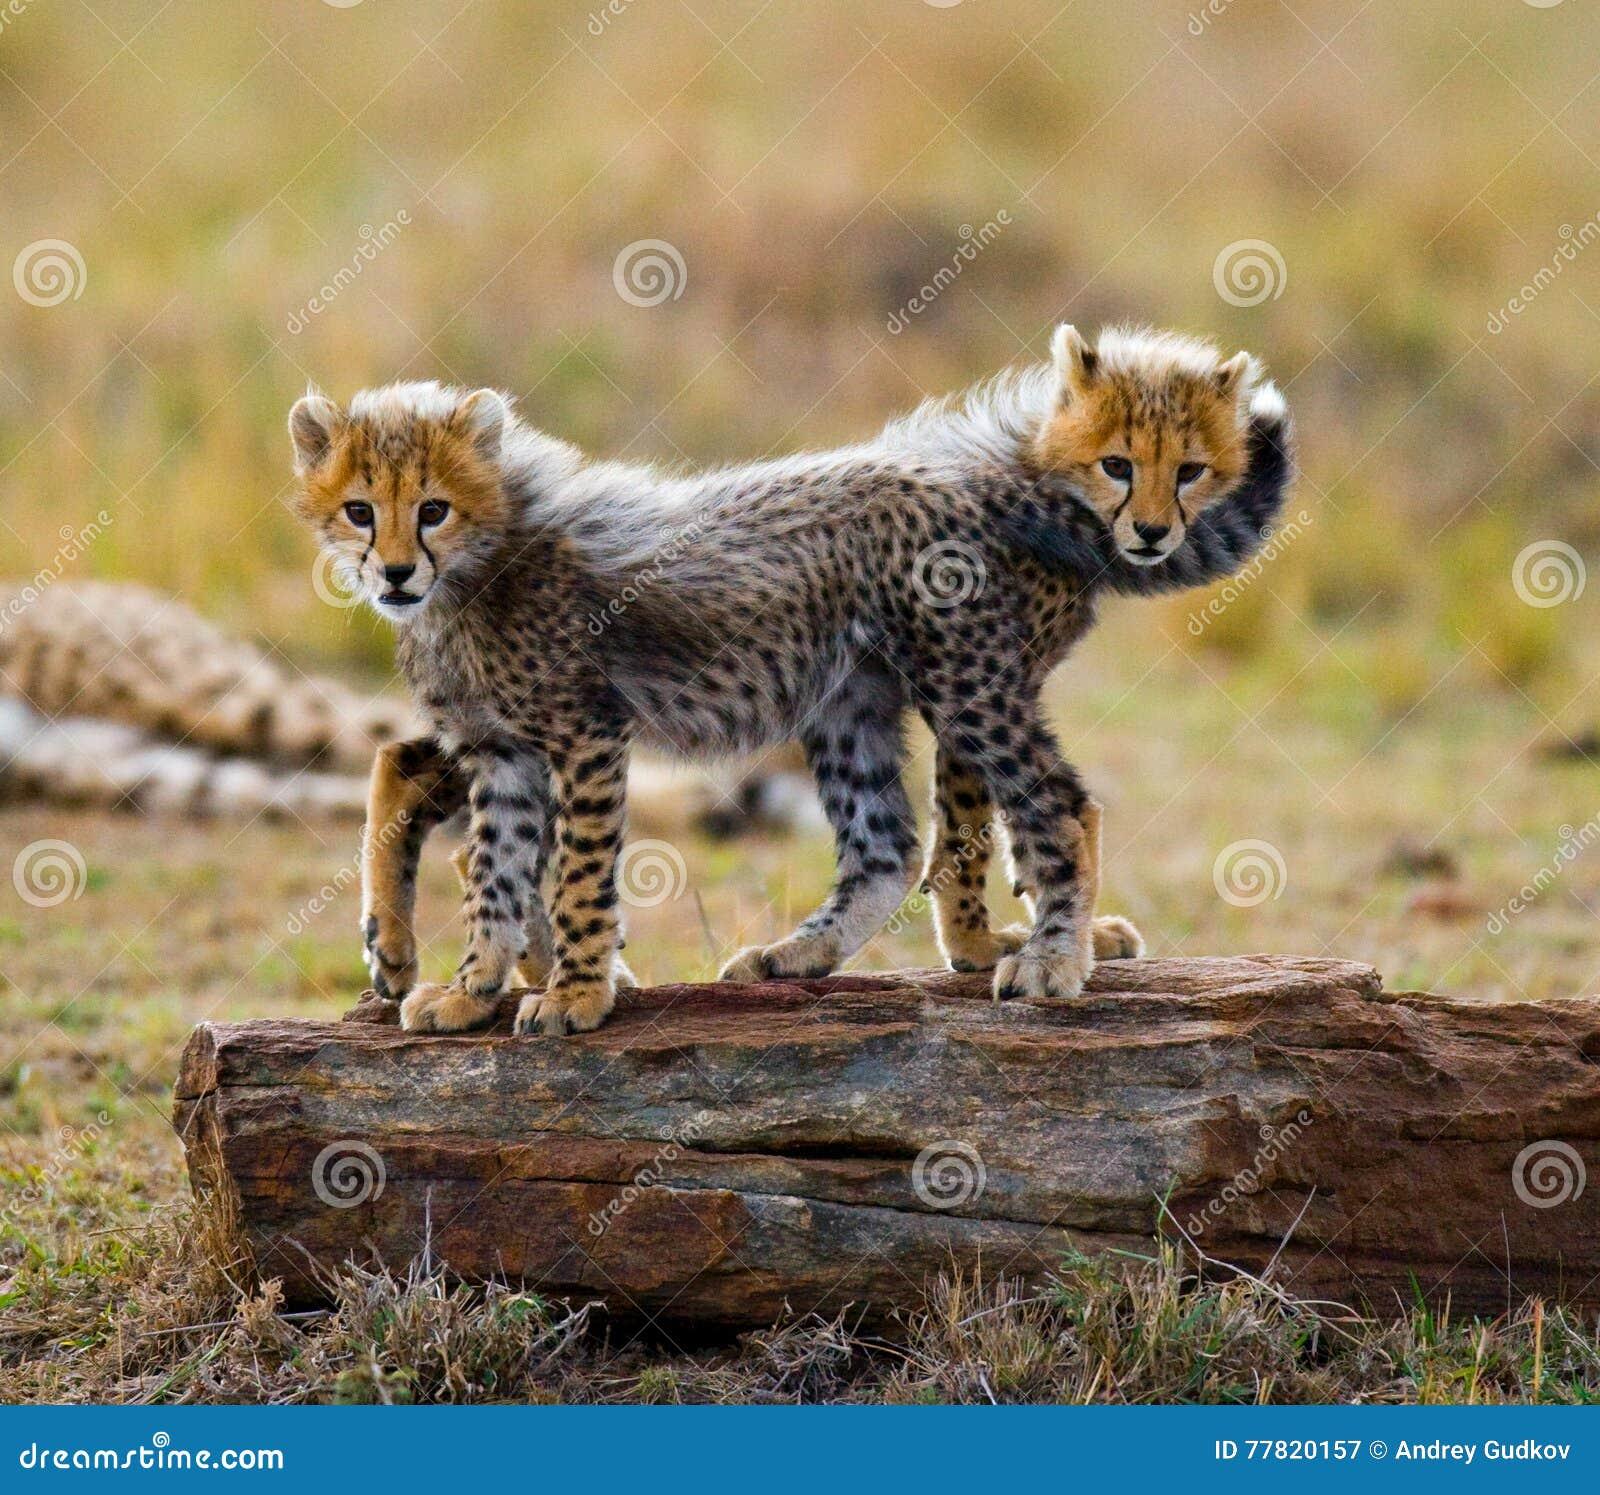 El guepardo pare el juego con uno a en la sabana kenia tanzania África Parque nacional serengeti Maasai Mara